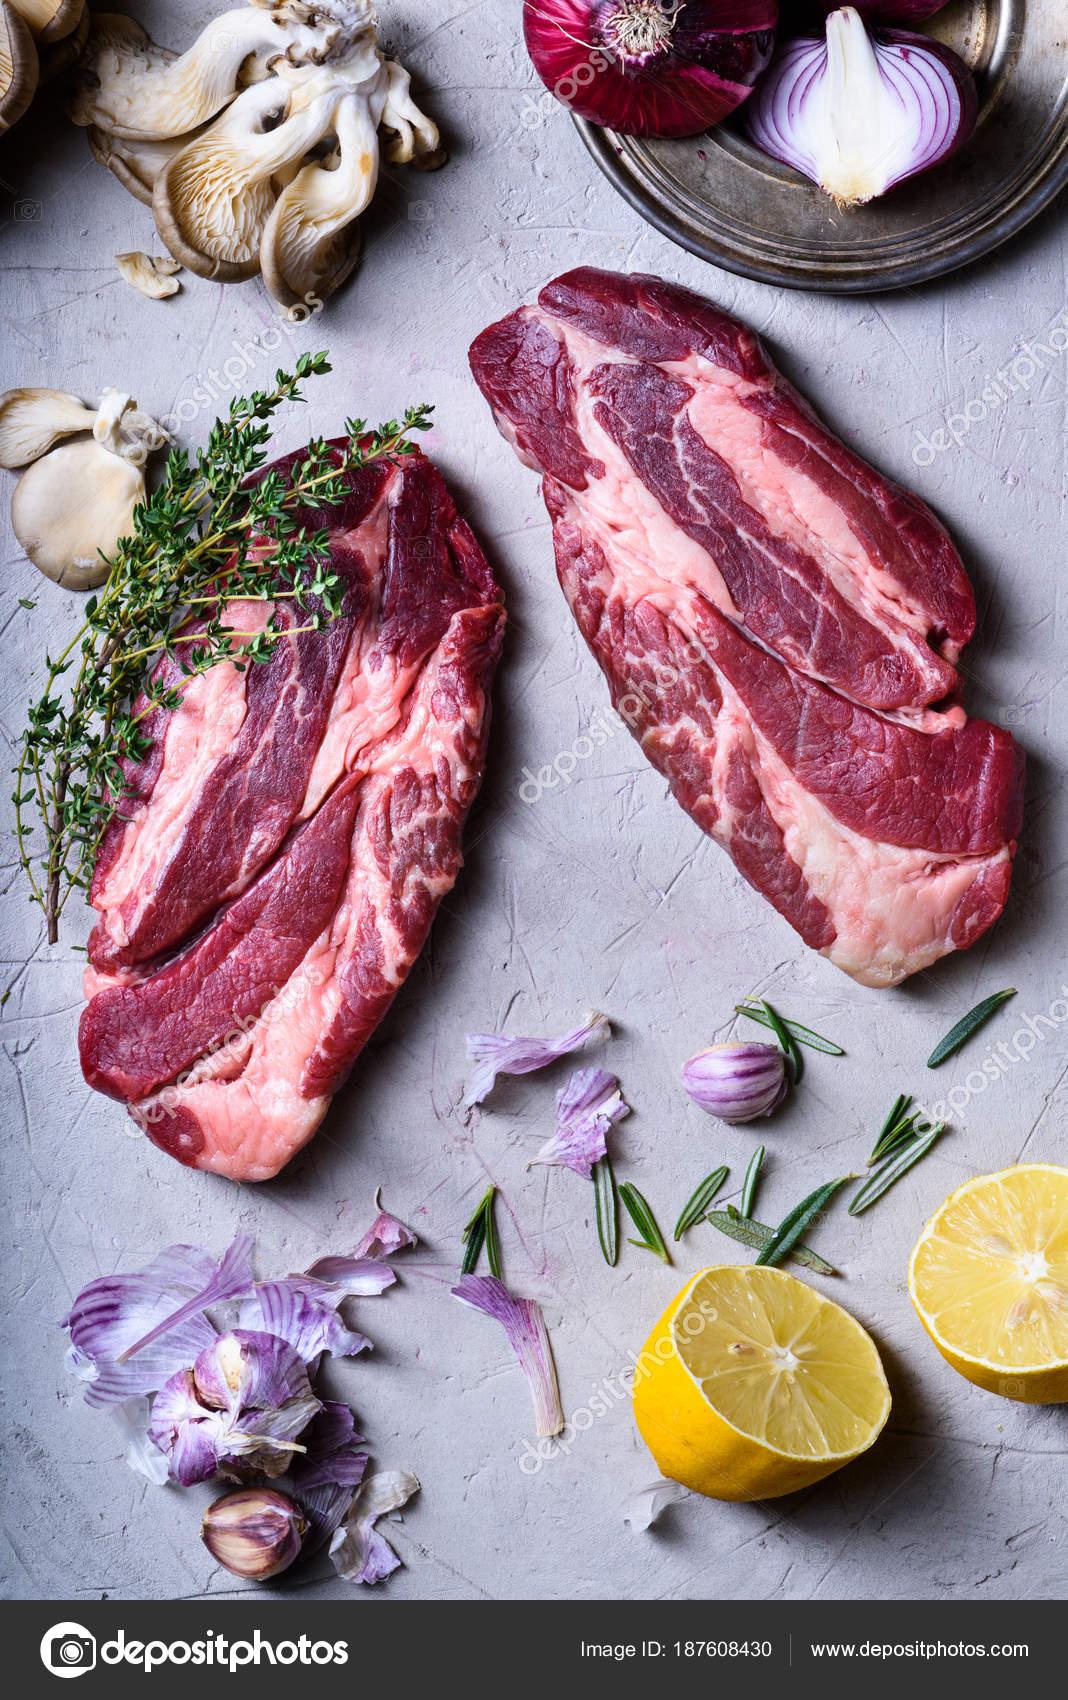 rundvlees kruiden ingredienten